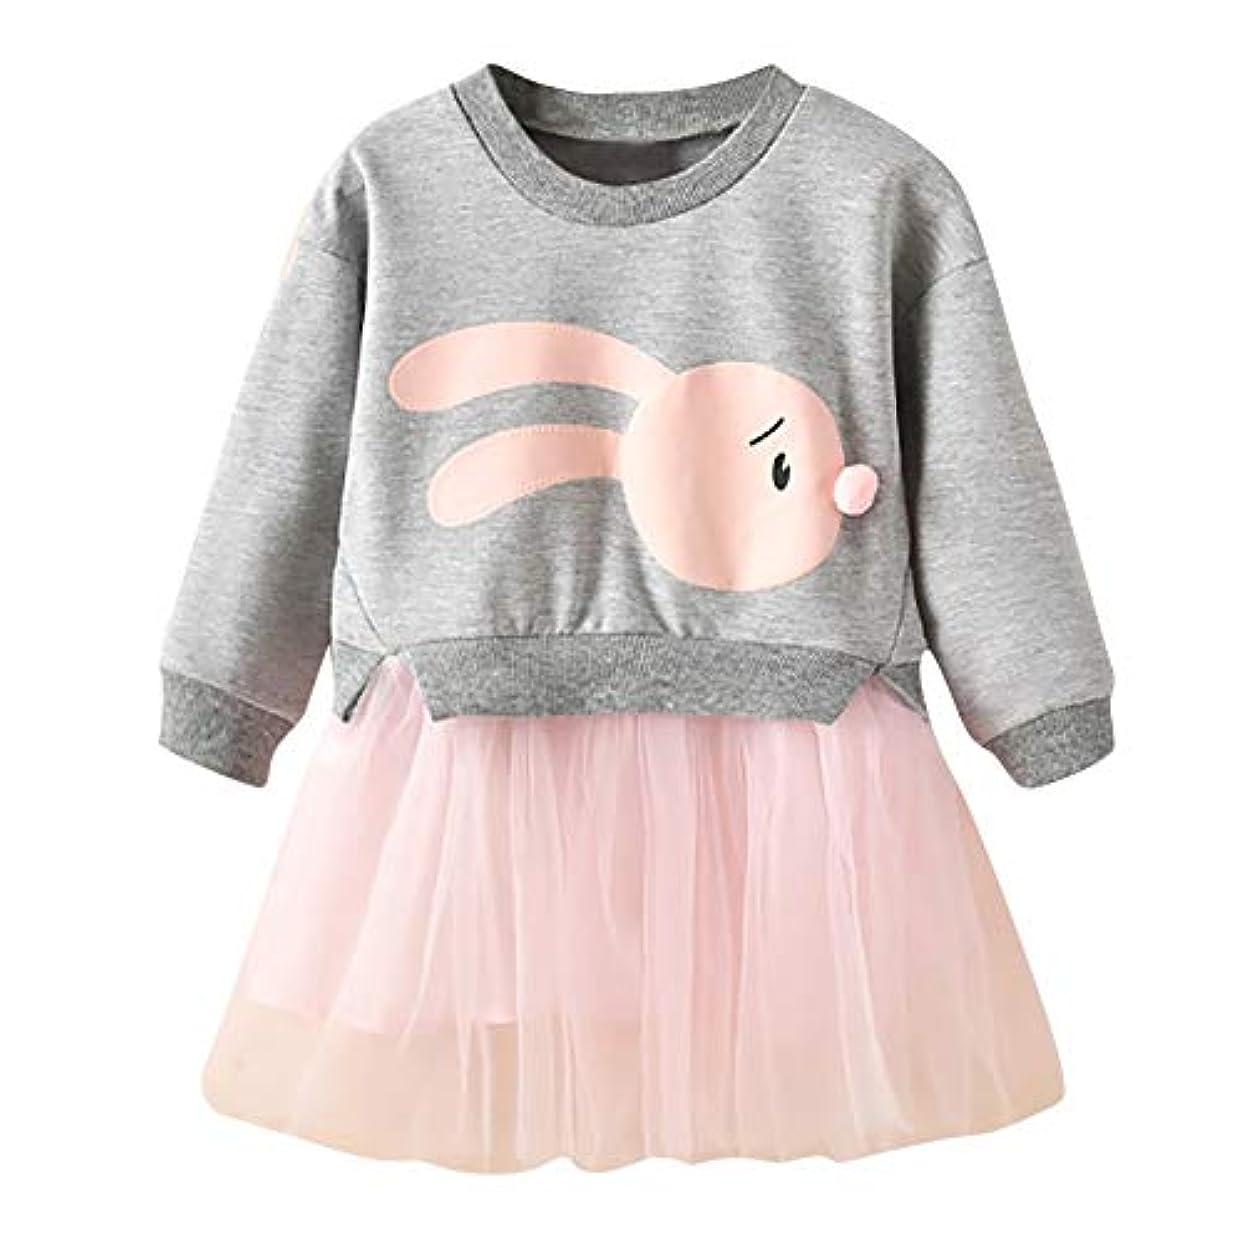 ヒョウやるホールドオールOnderroa - 冬の子供服の女の赤ちゃんの漫画のバニープリンセスパッチワークトレーナーチュールドレス服roupaのinfantil